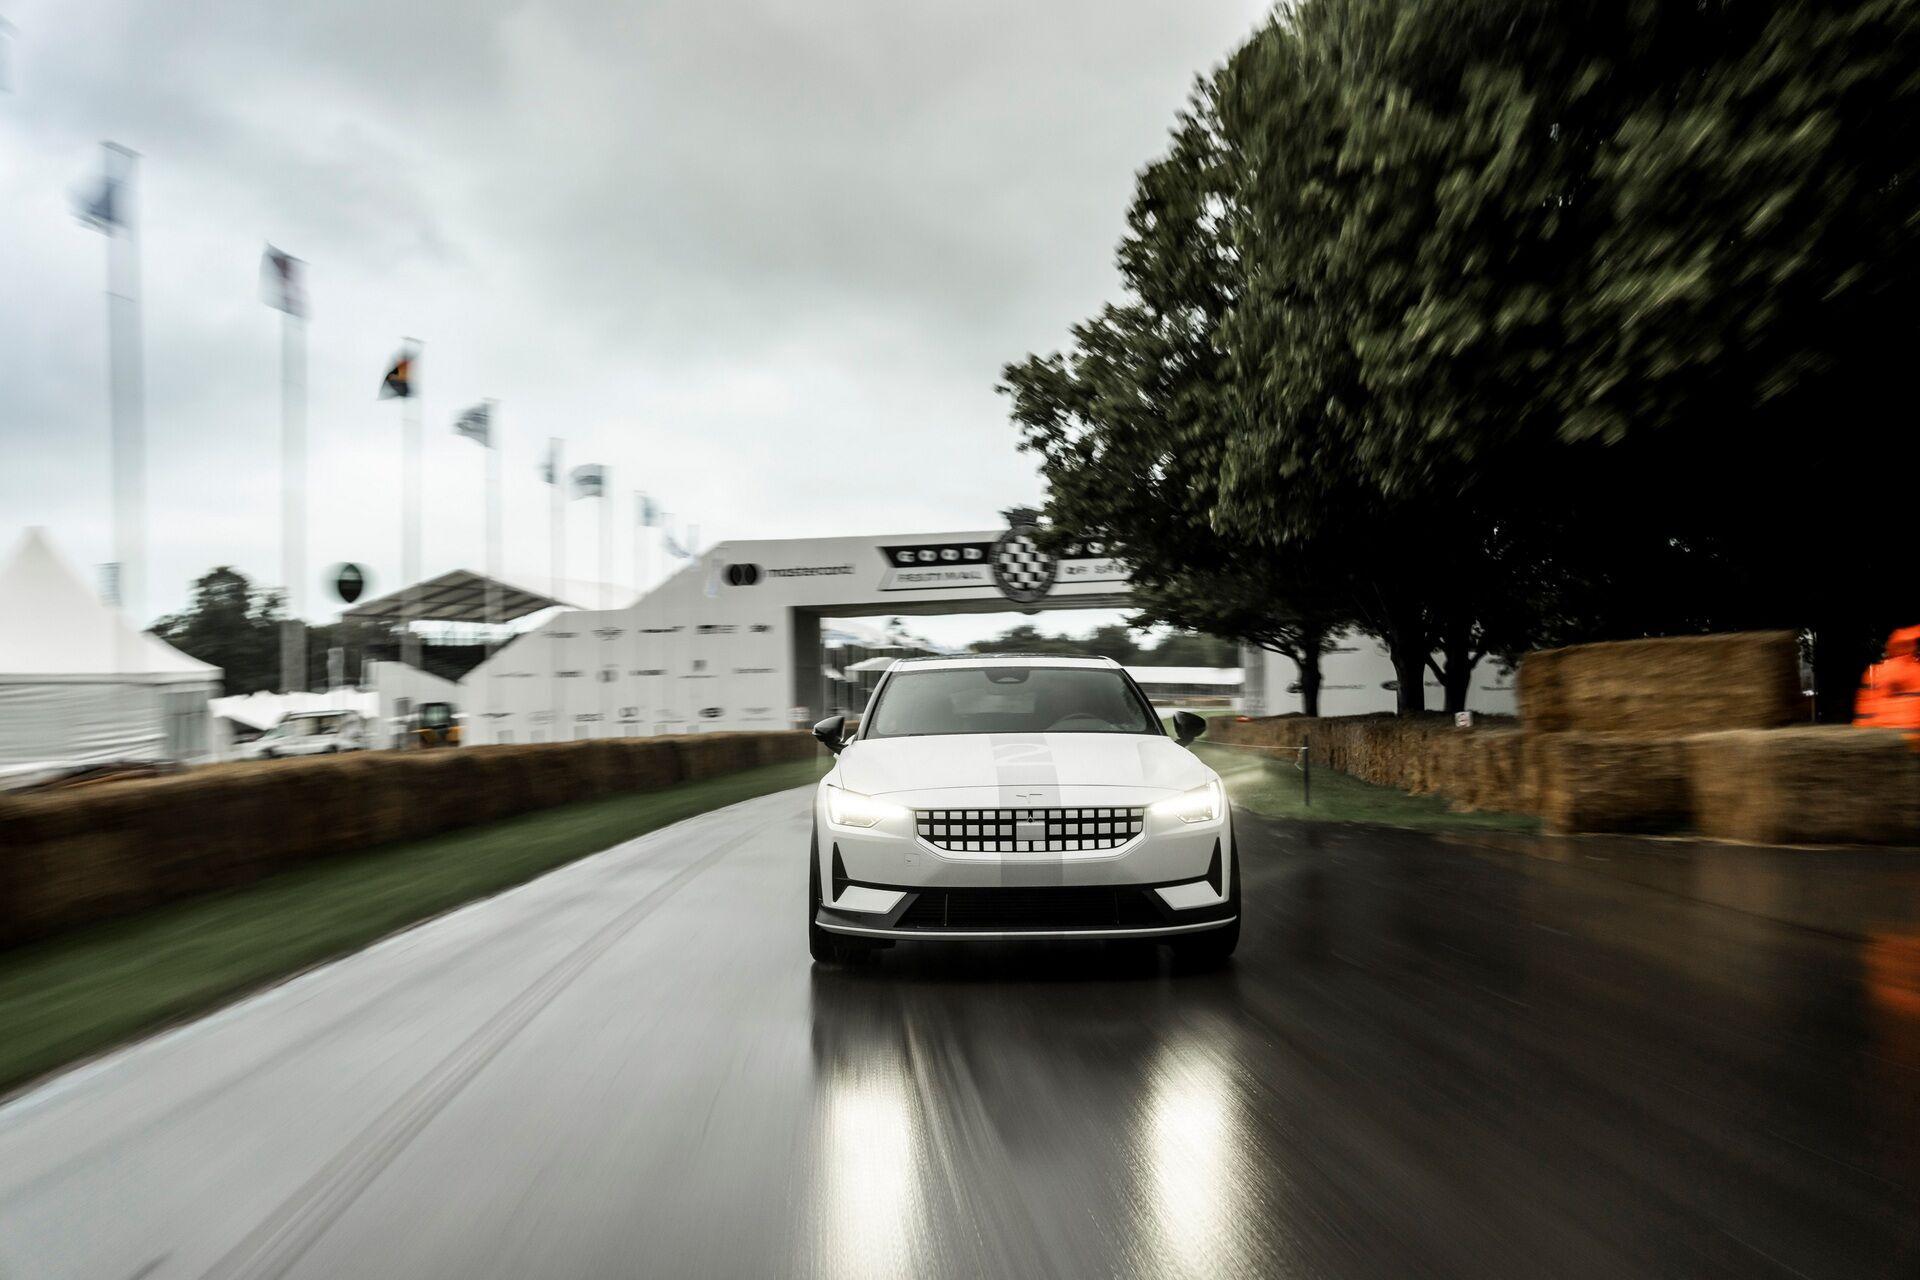 Внешне автомобиль отличается белой облицовкой радиаторной решетки, расширенными колесными арками, а также иными бамперами